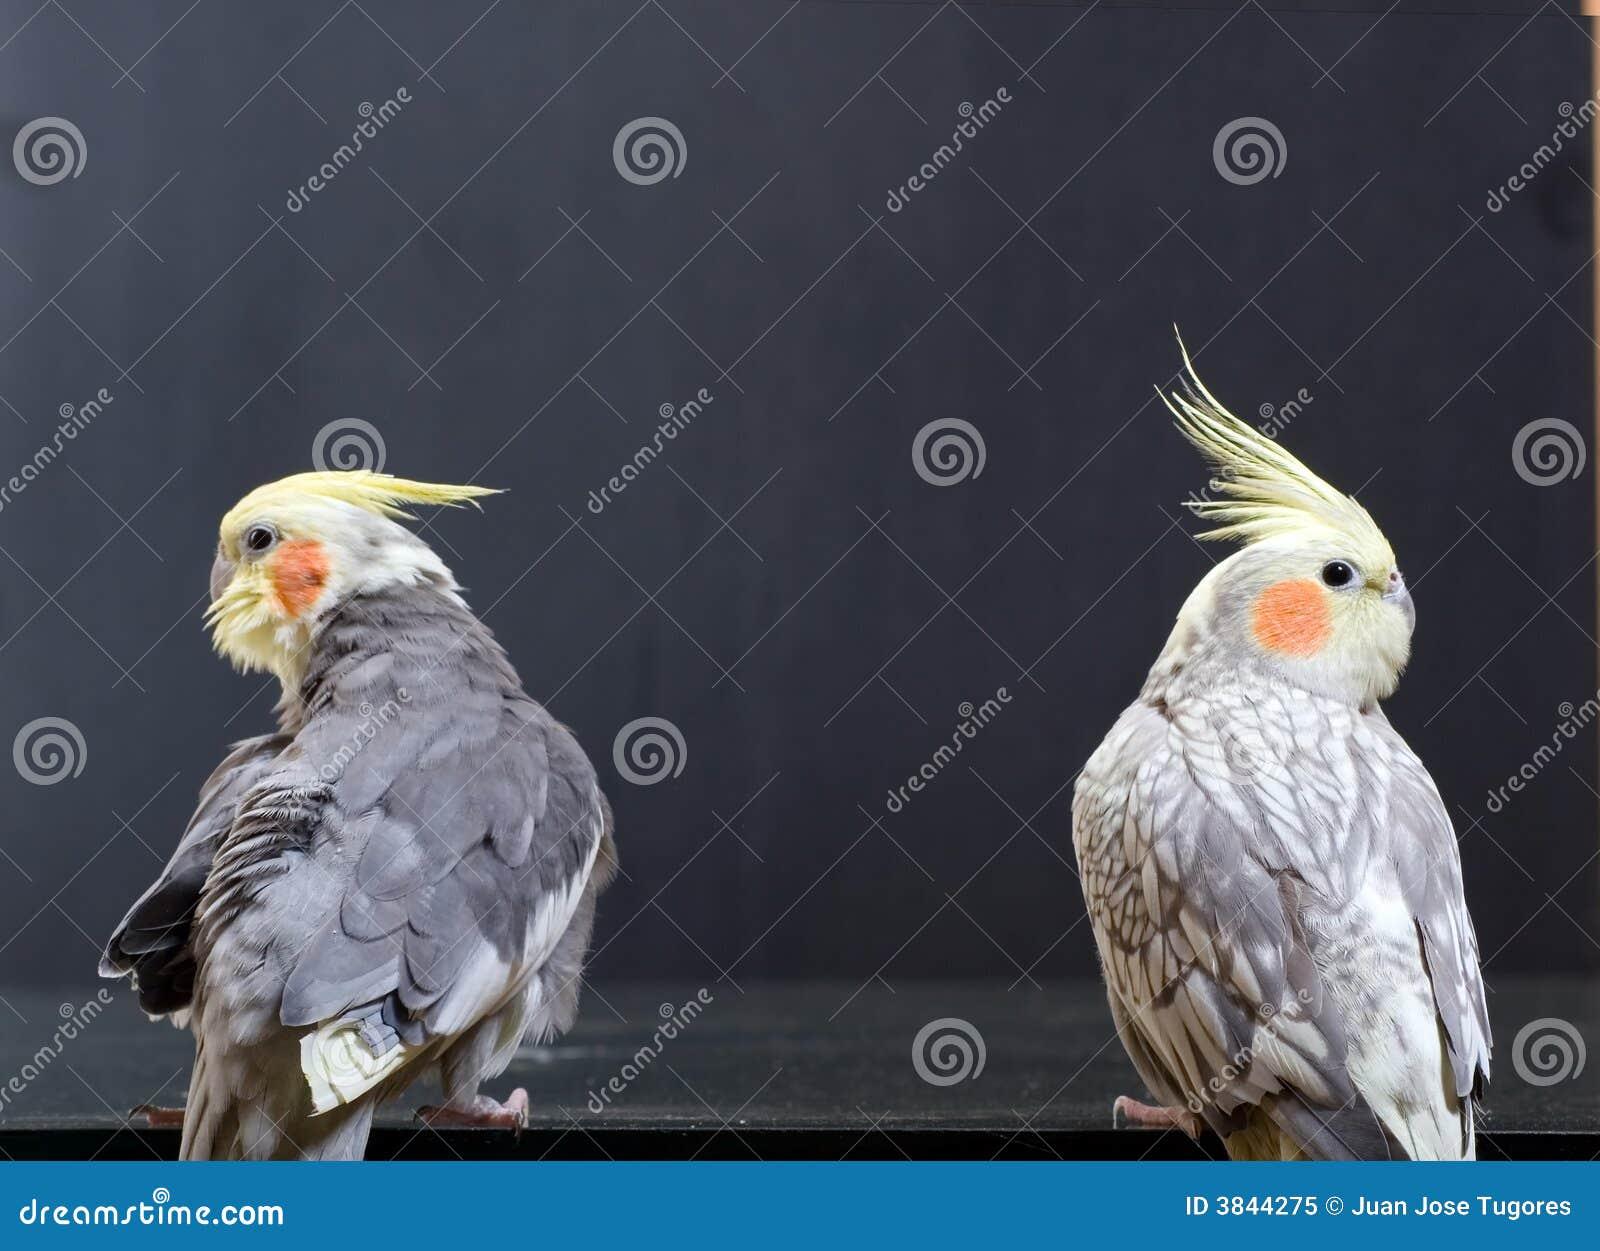 Paar zeldzame vogels